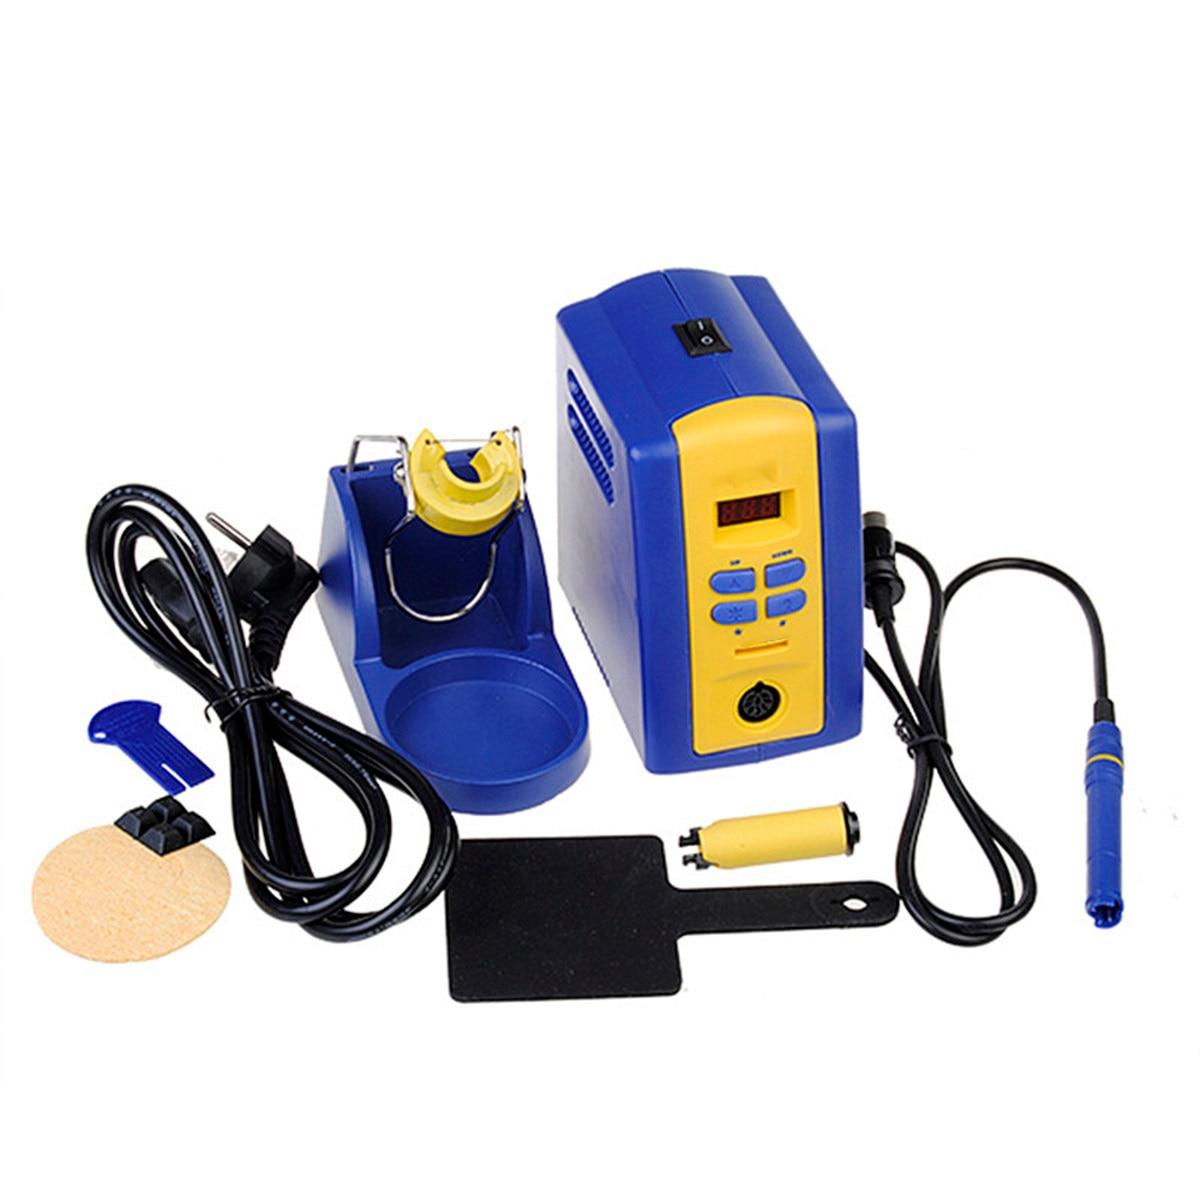 FX-951 220V EU Plug Solder Soldering Iron Station + 1pcs T12-k Iron Tips fx 951 fm 2027 fm 2028 fx 9501 soldering station spade scraper type solder tip solder iron tips t12 1405